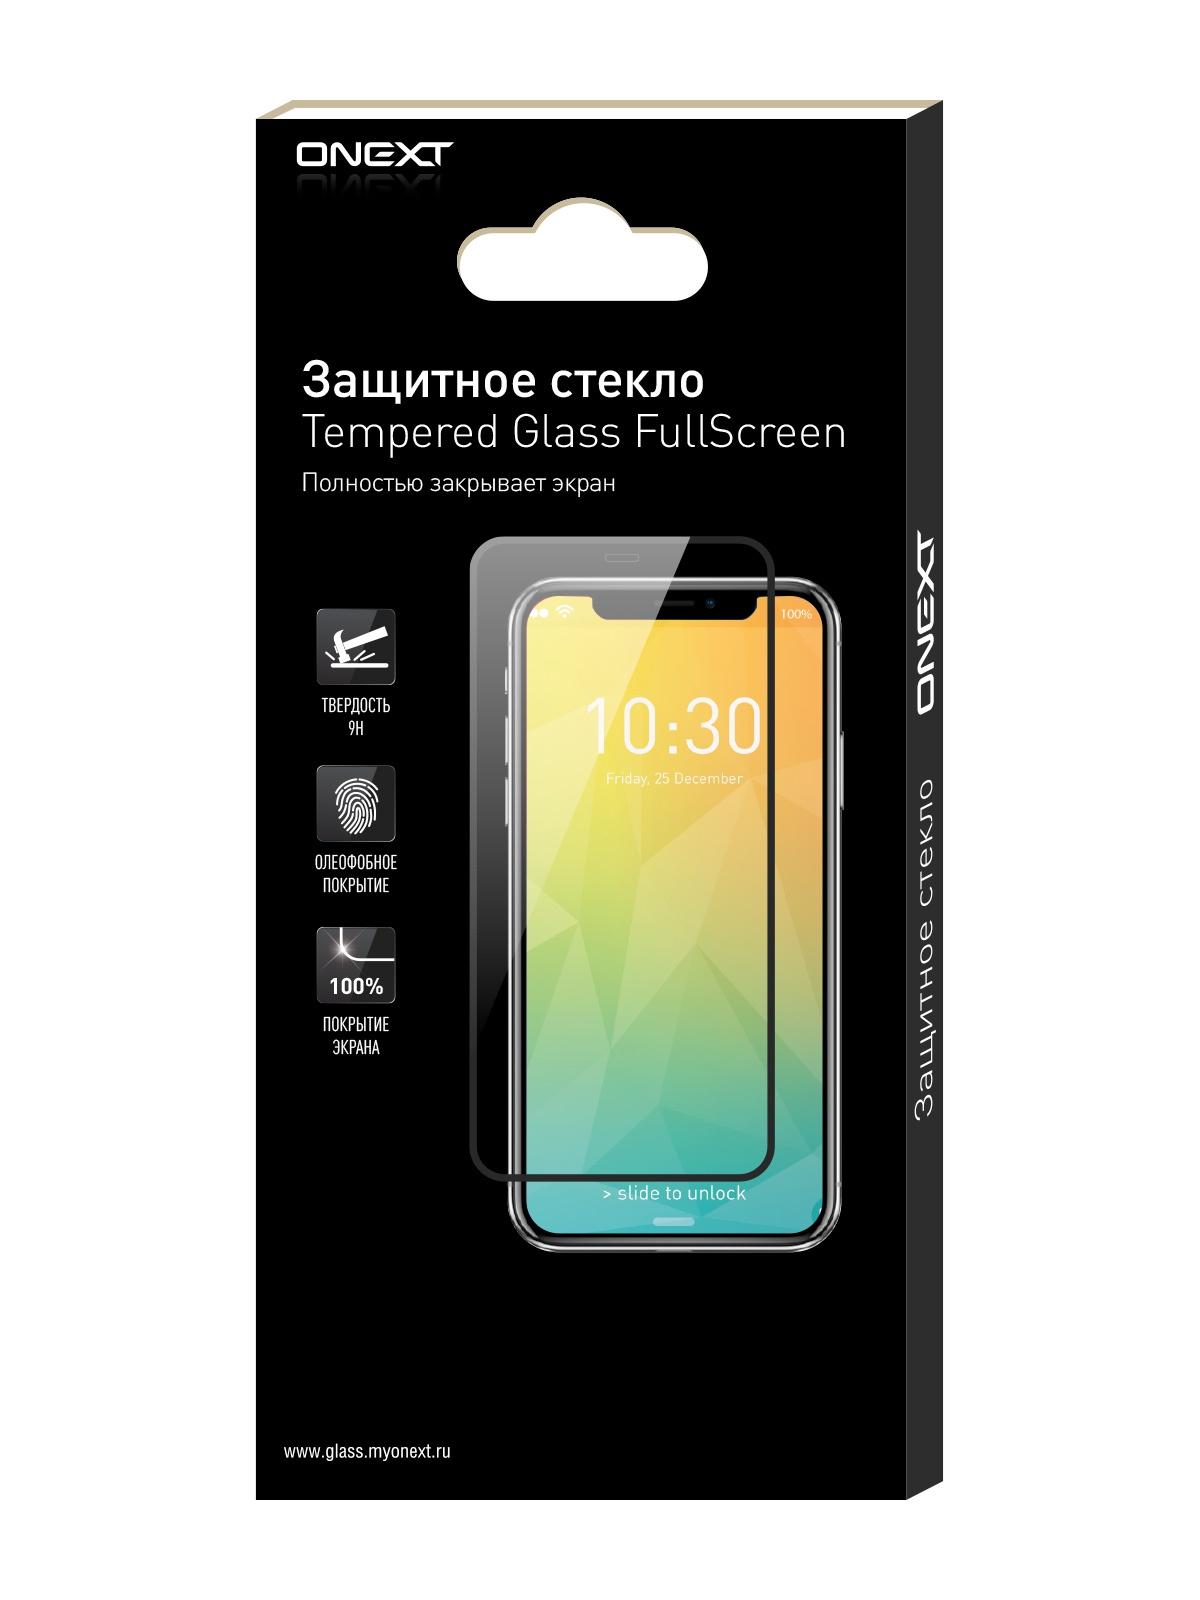 Защитное стекло ONEXT Huawei Honor 7С c рамкой (full glue) аксессуар защитное стекло для huawei honor 7a onext c рамкой black 41802